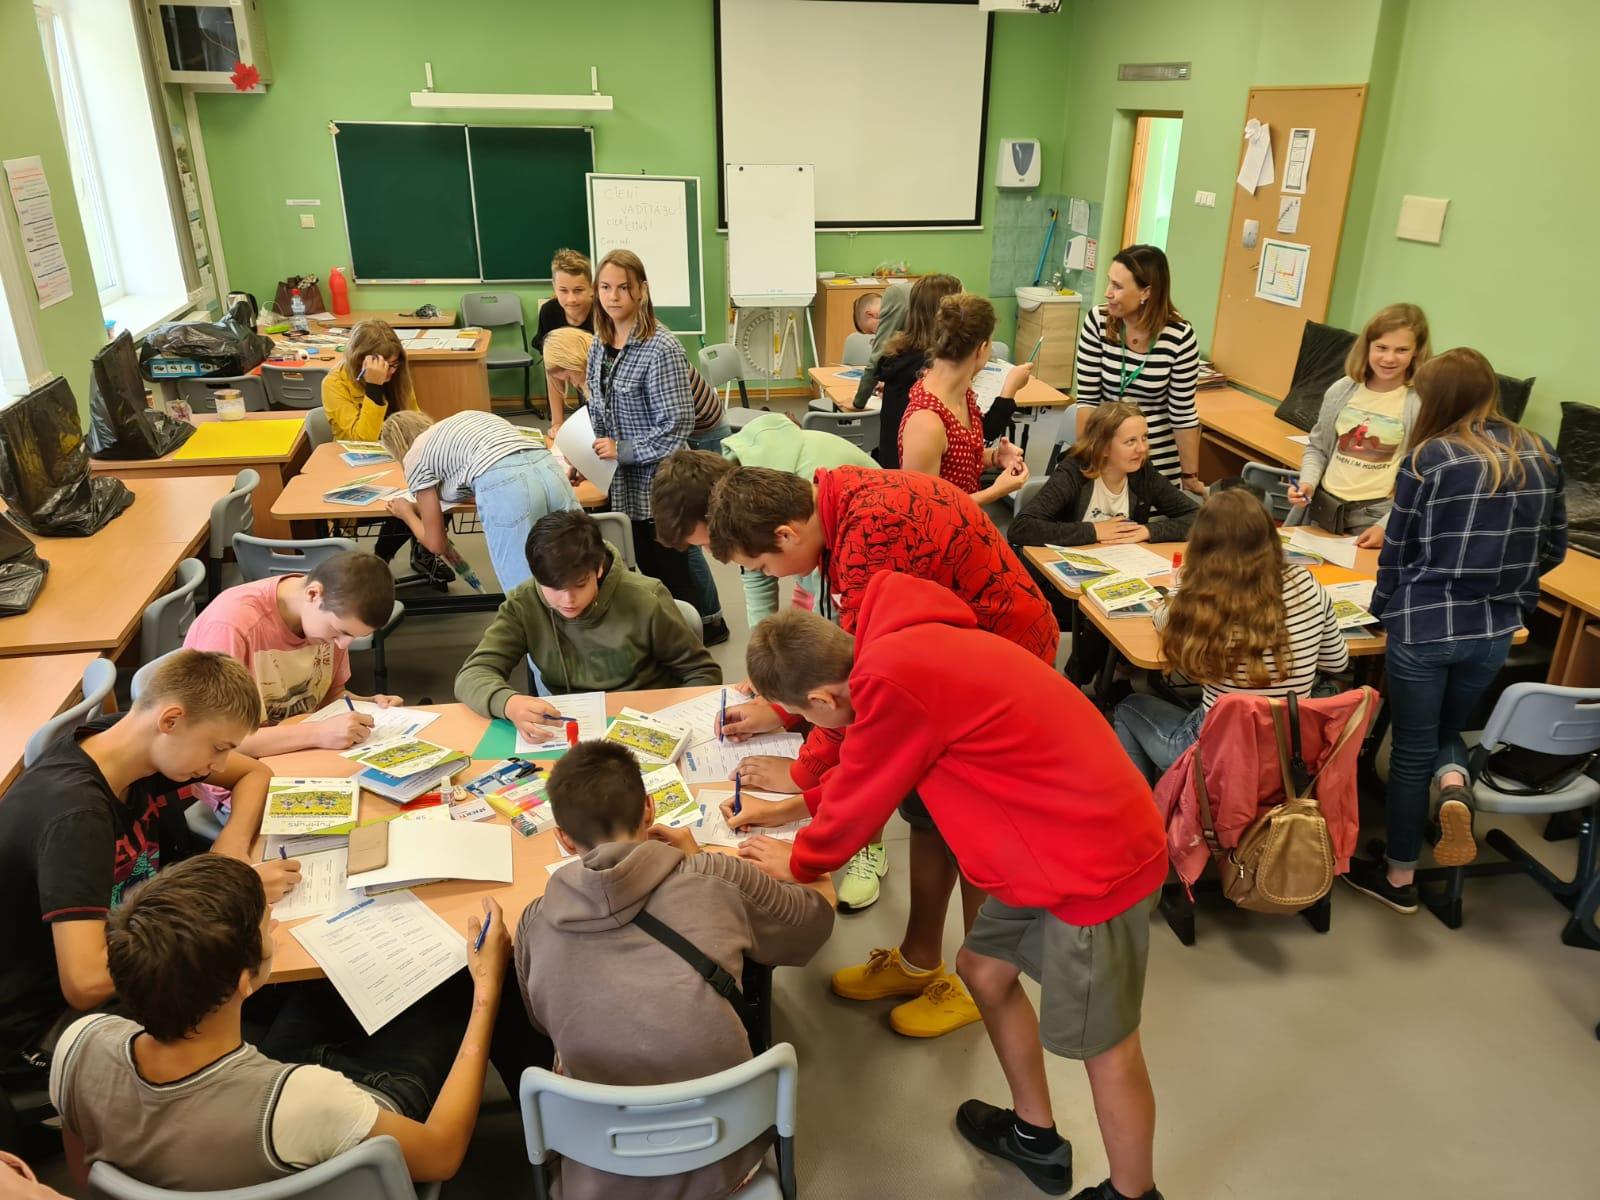 Tiek īstenoti jaunatnes iniciatīvas projekti mācību motivācijas palielināšanai